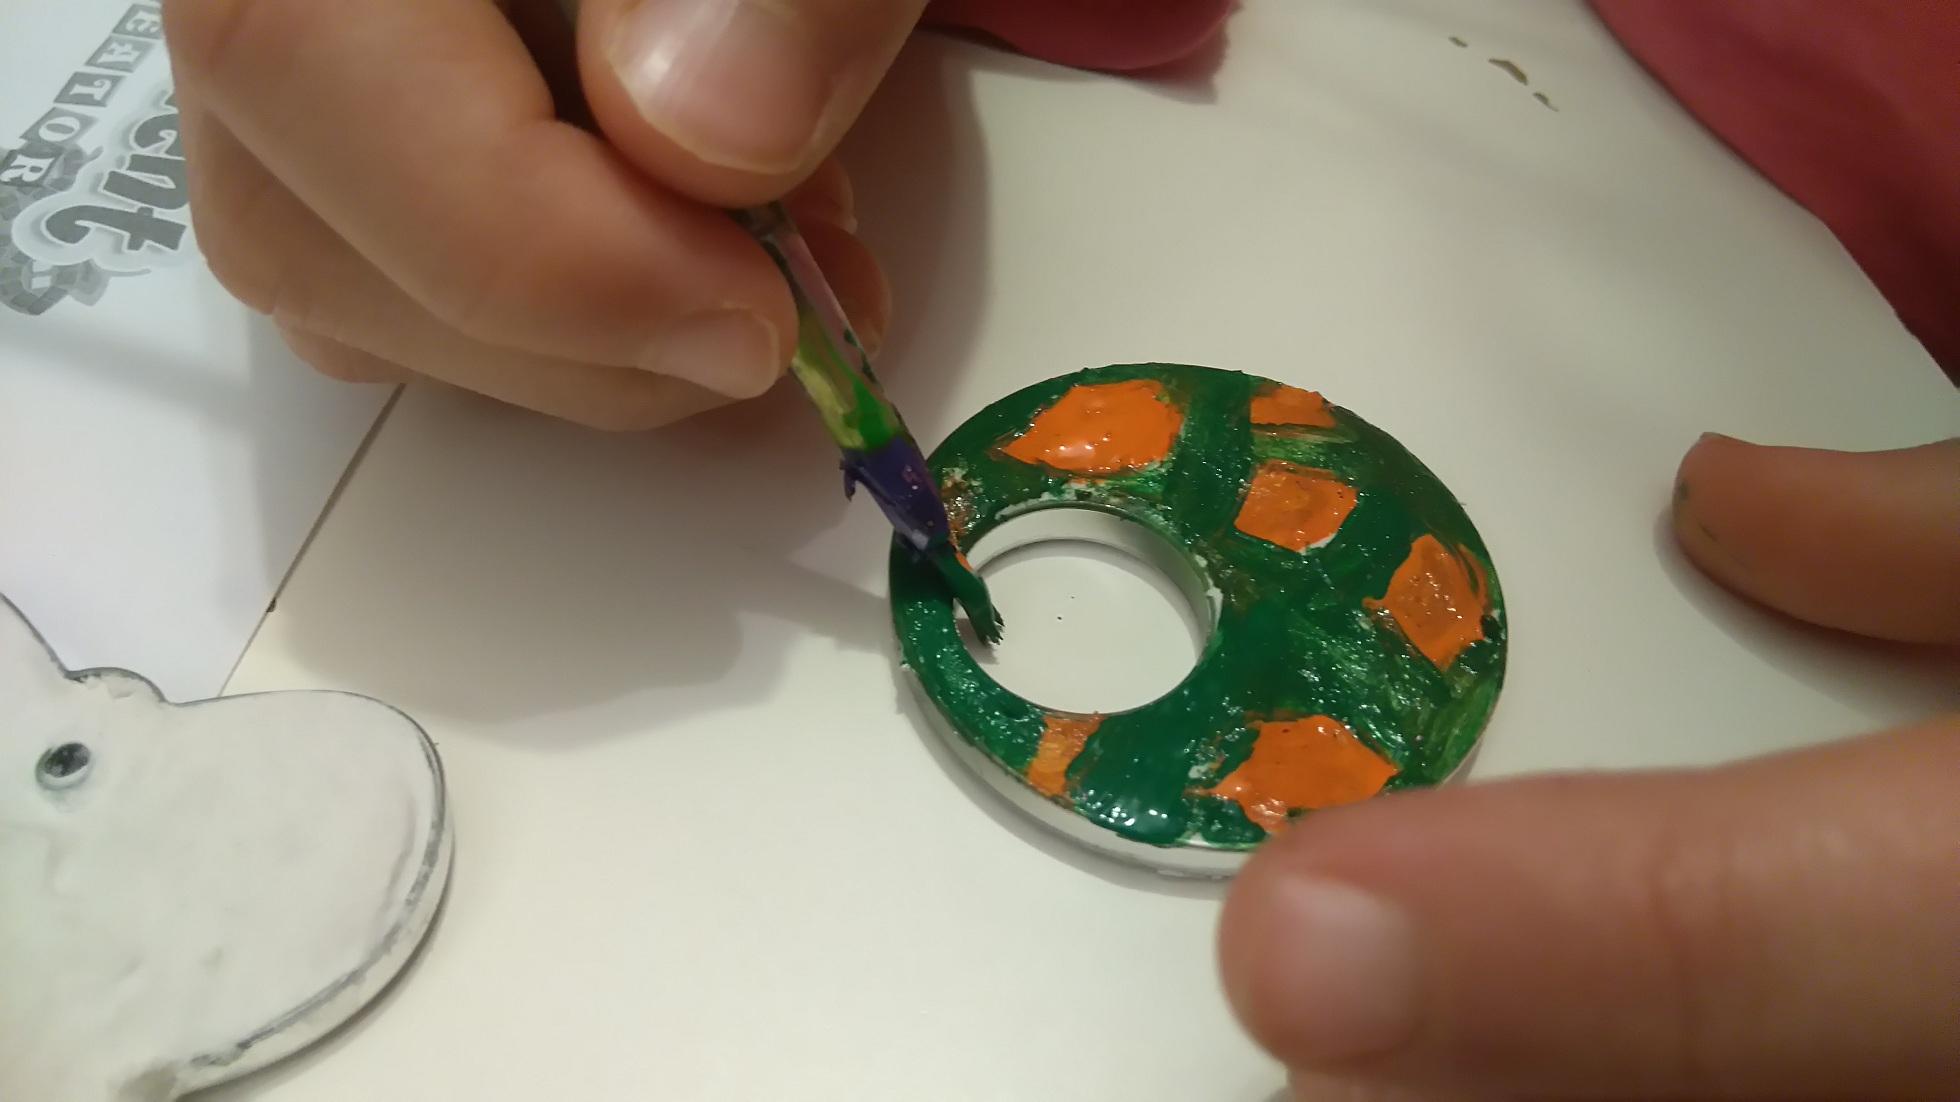 ozdabianie okrągłego gipsowego wisiorka przy użyciu pędzla i zielonej i pomarańczowej farbki